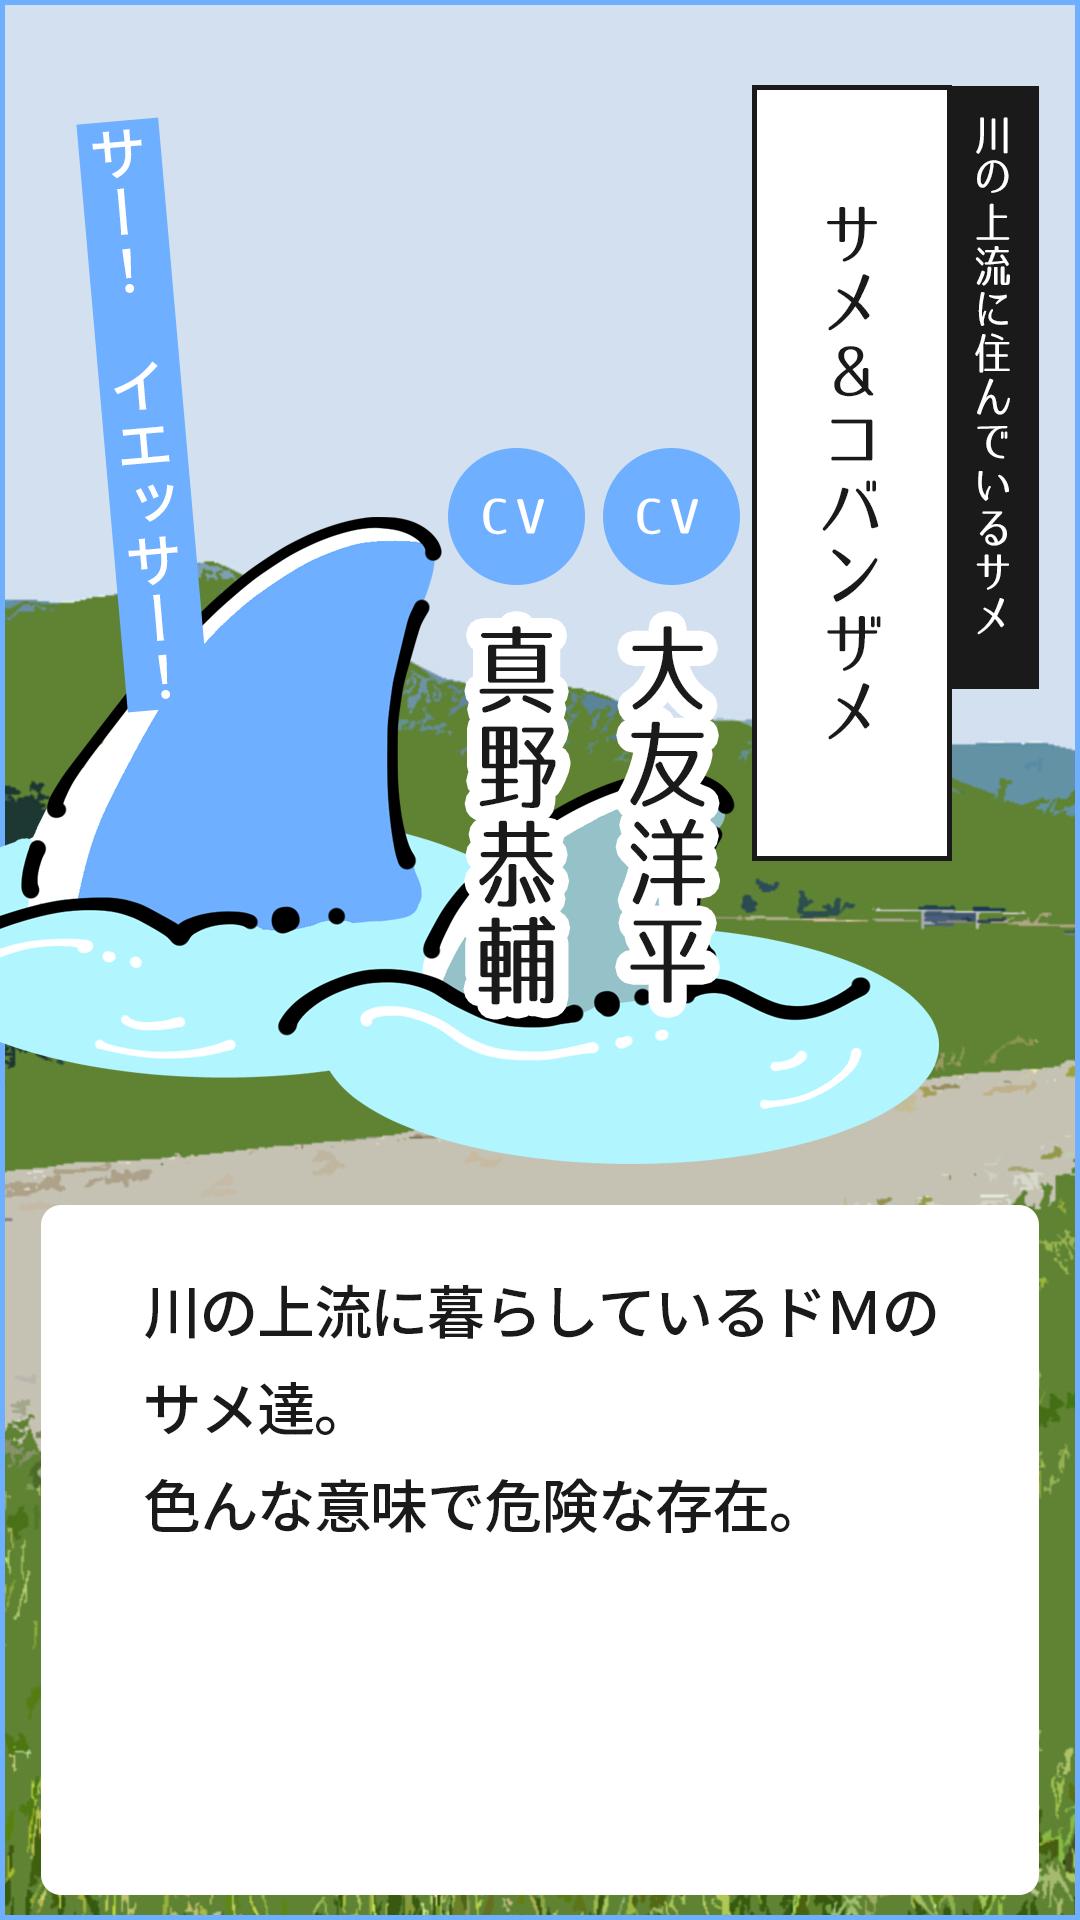 サメ&コバンザメ